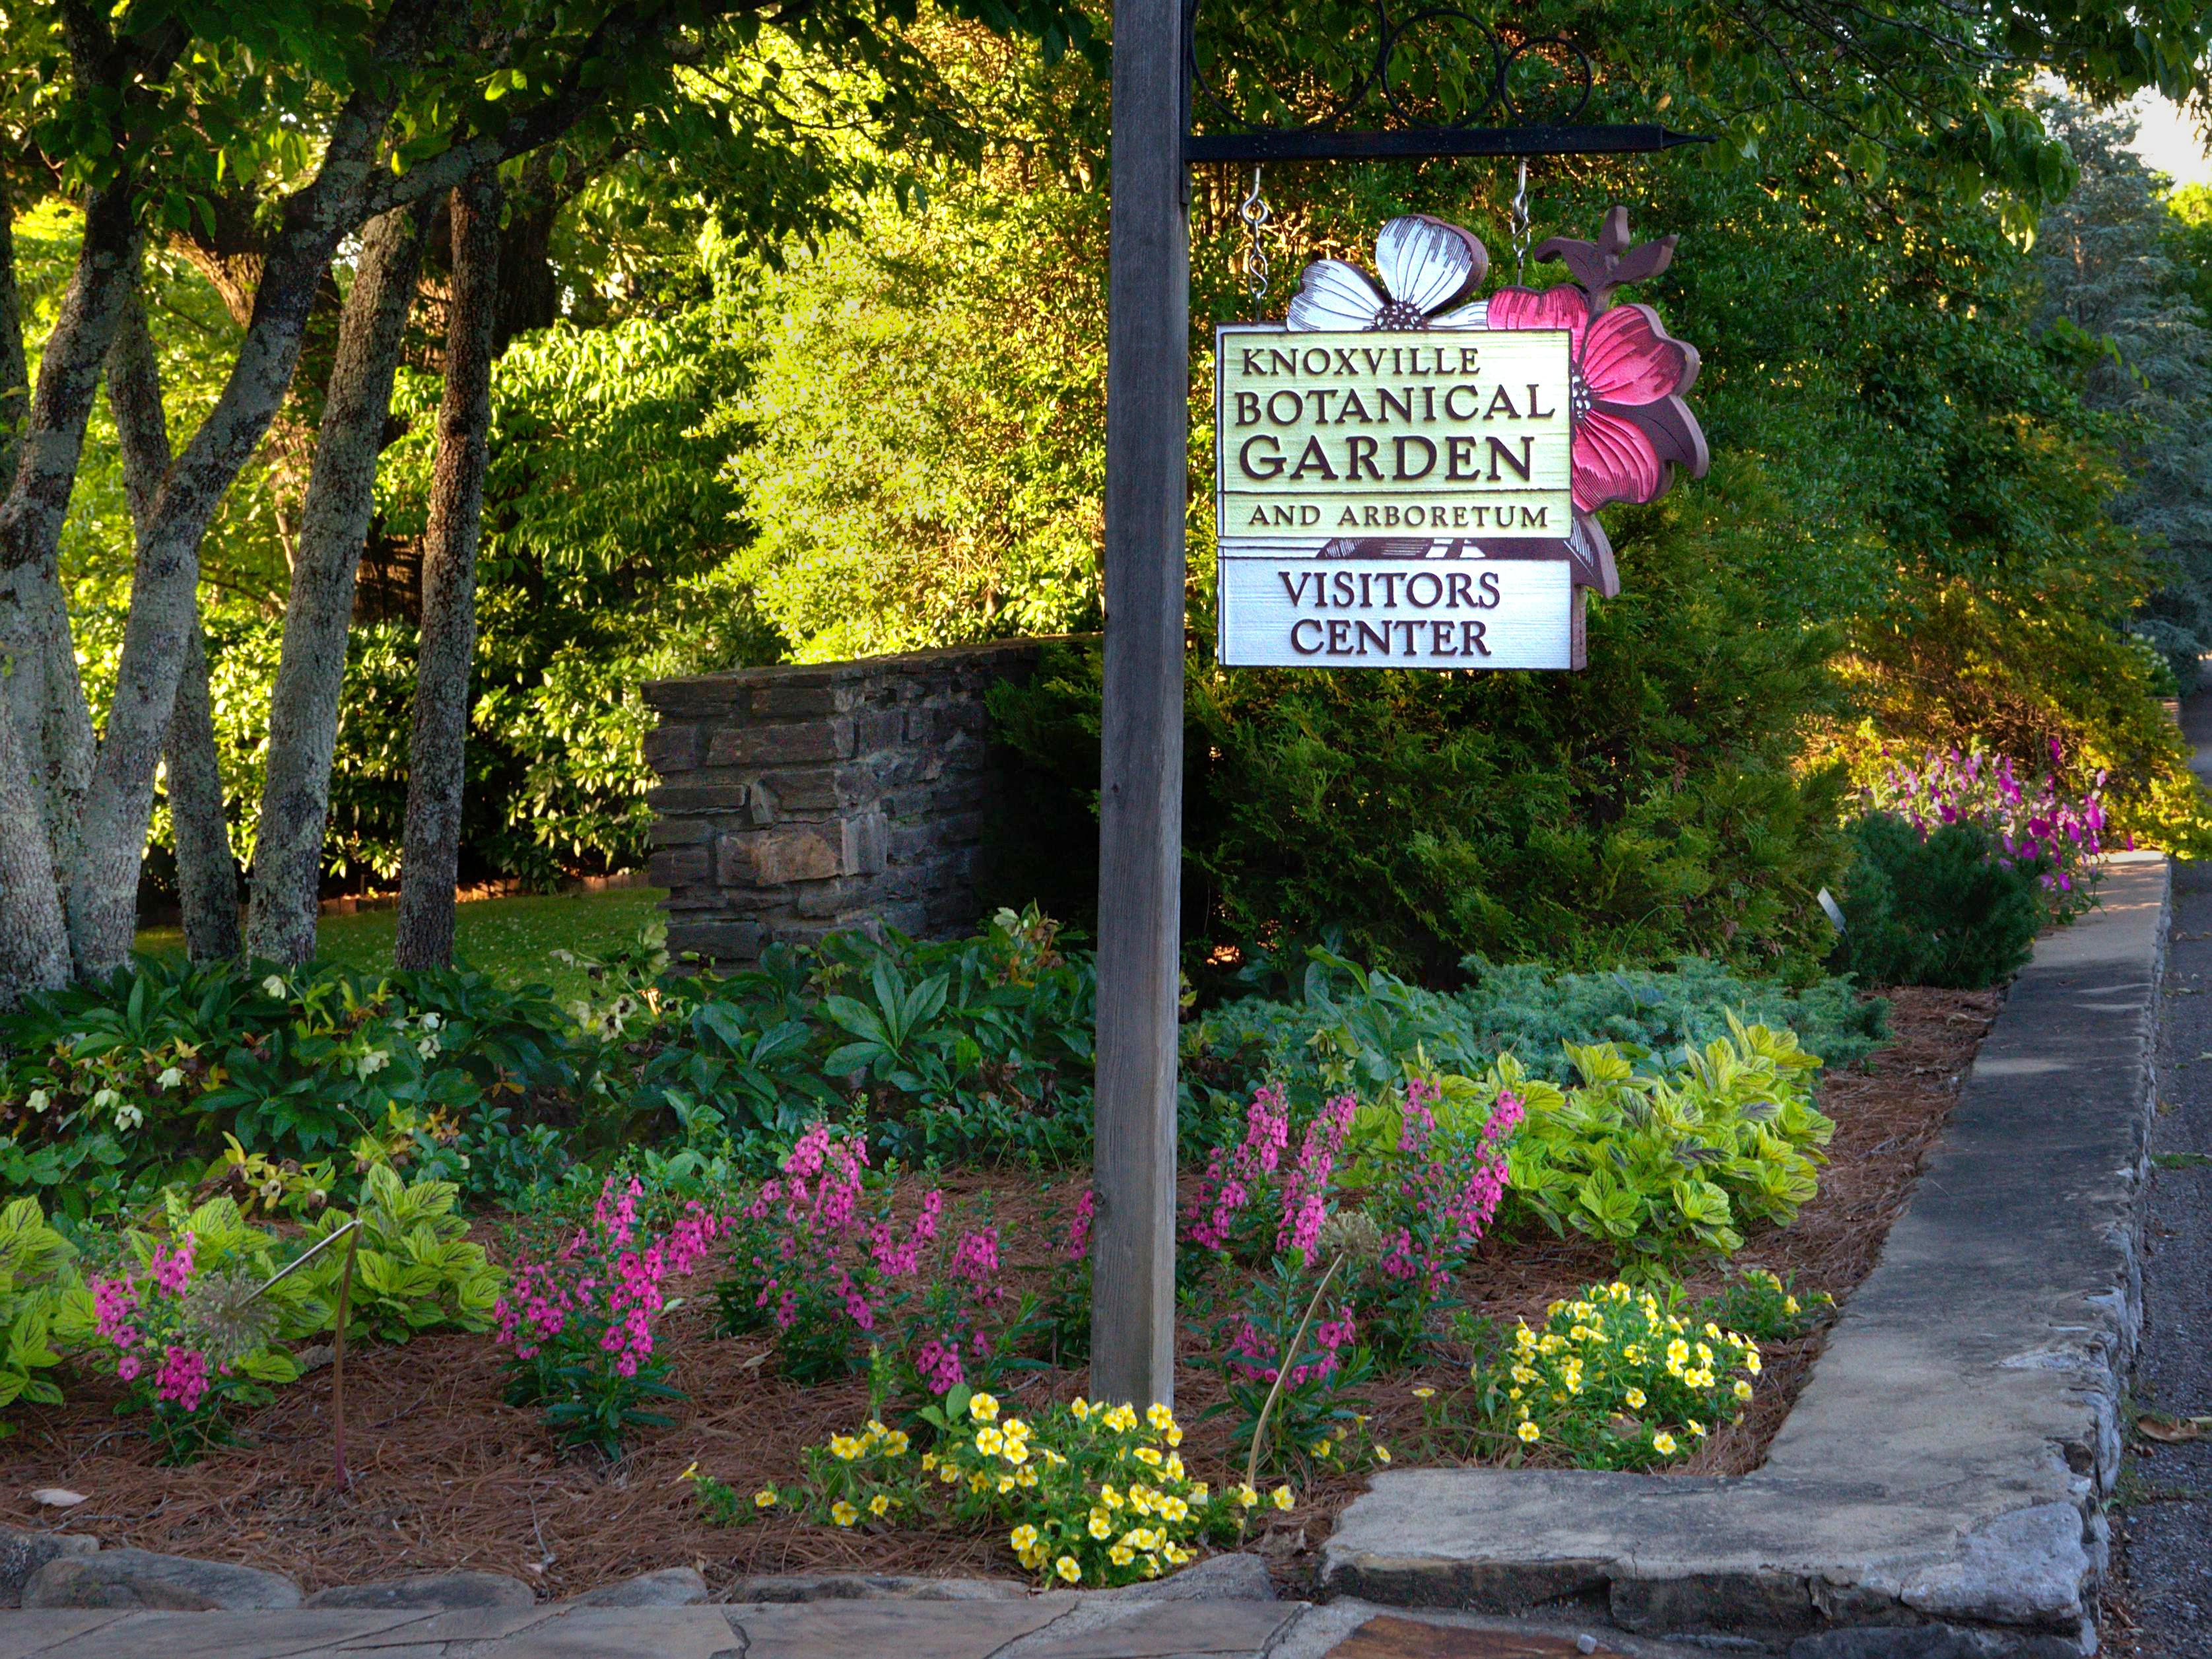 Knoxville Botanical Garden